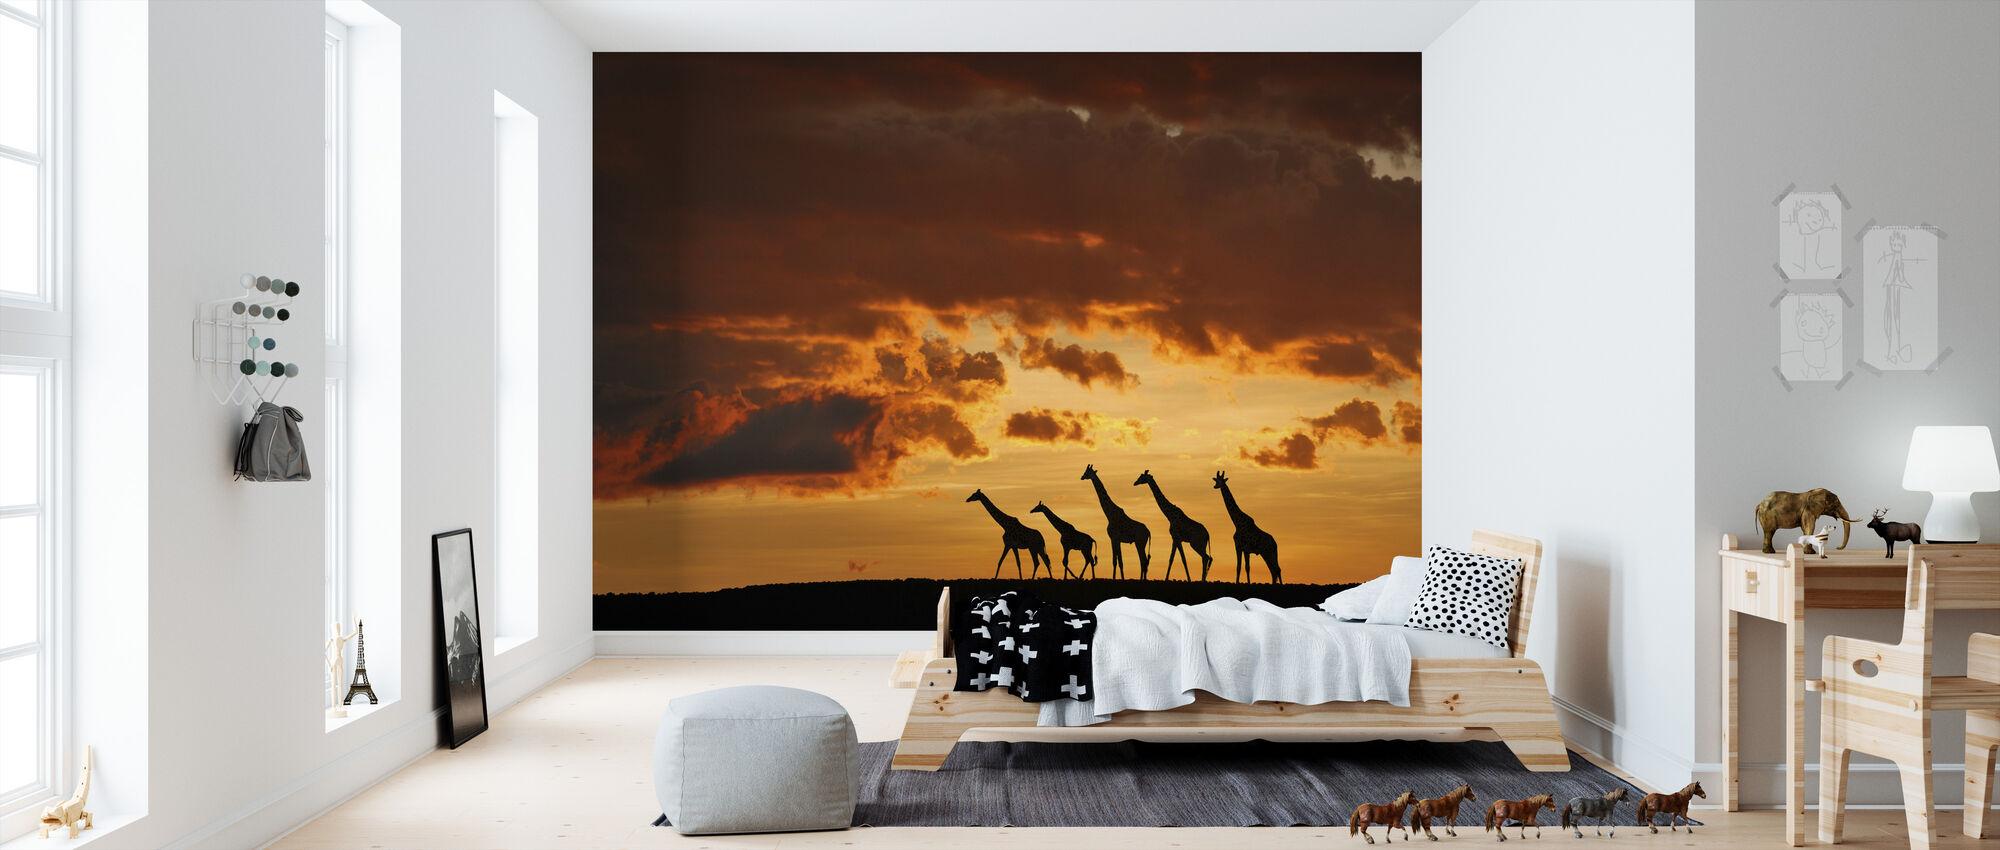 Fem giraff - Tapet - Barnrum